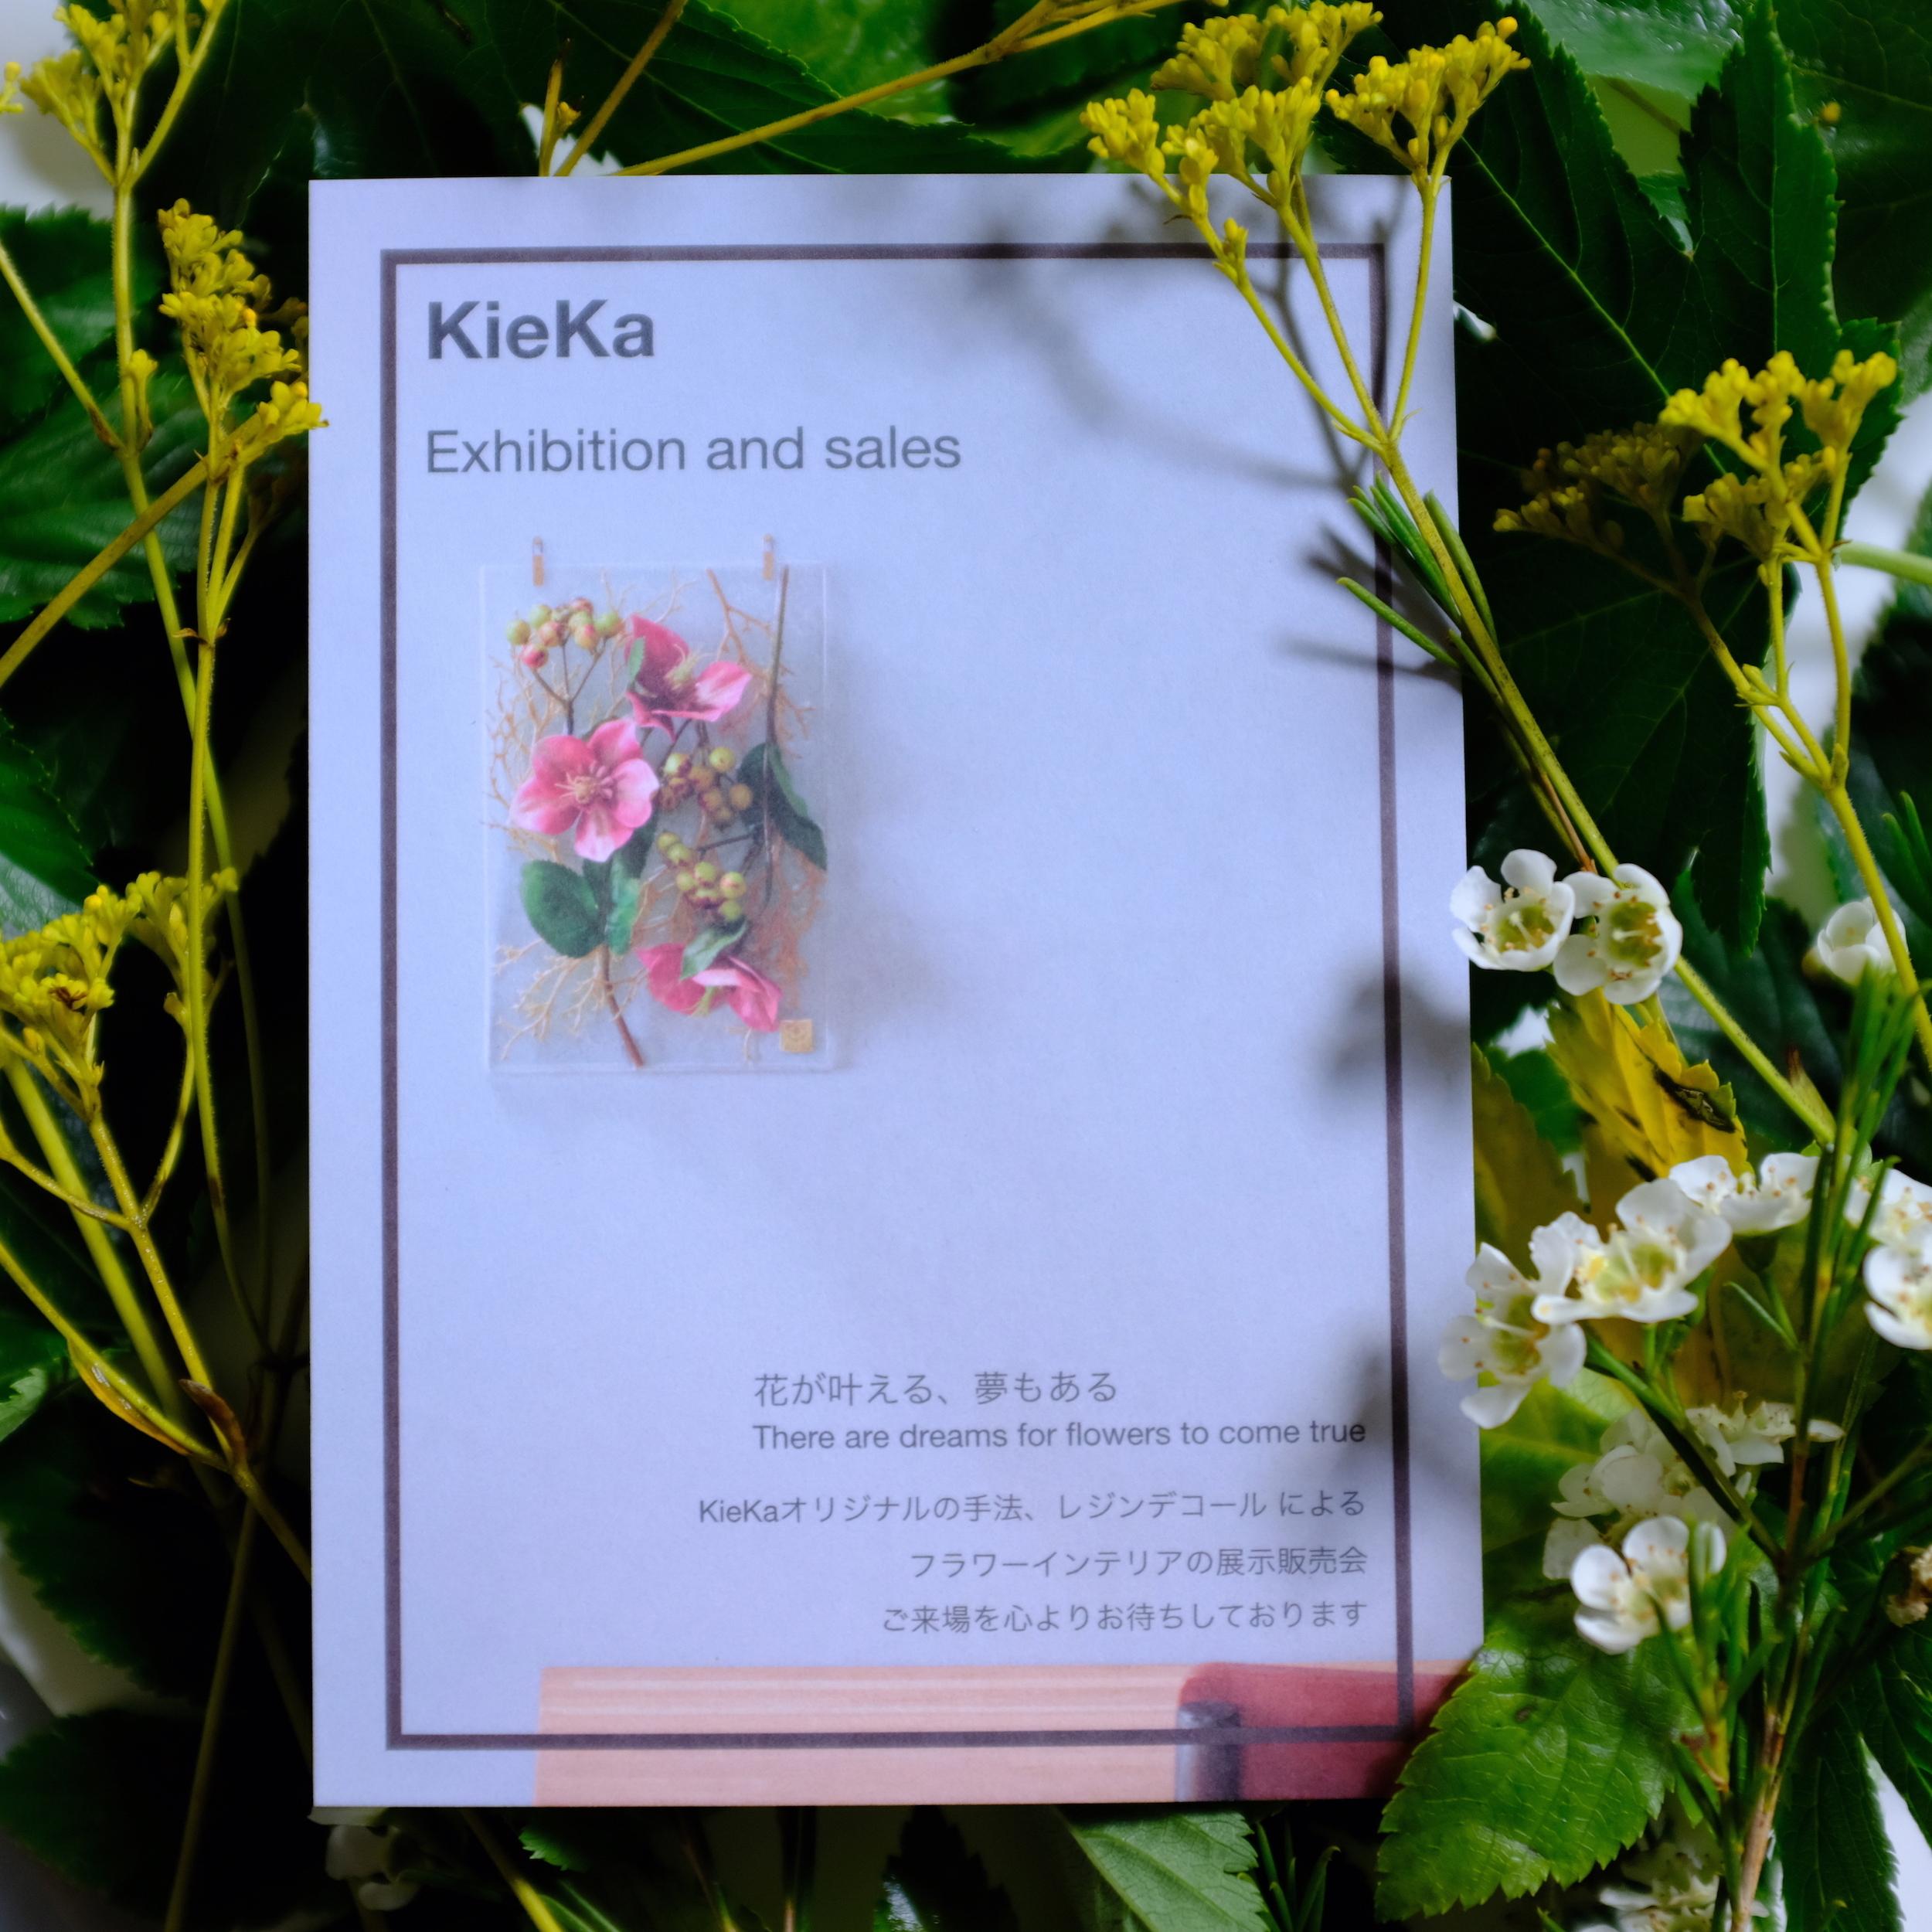 KieKa 展示販売会のお知らせ